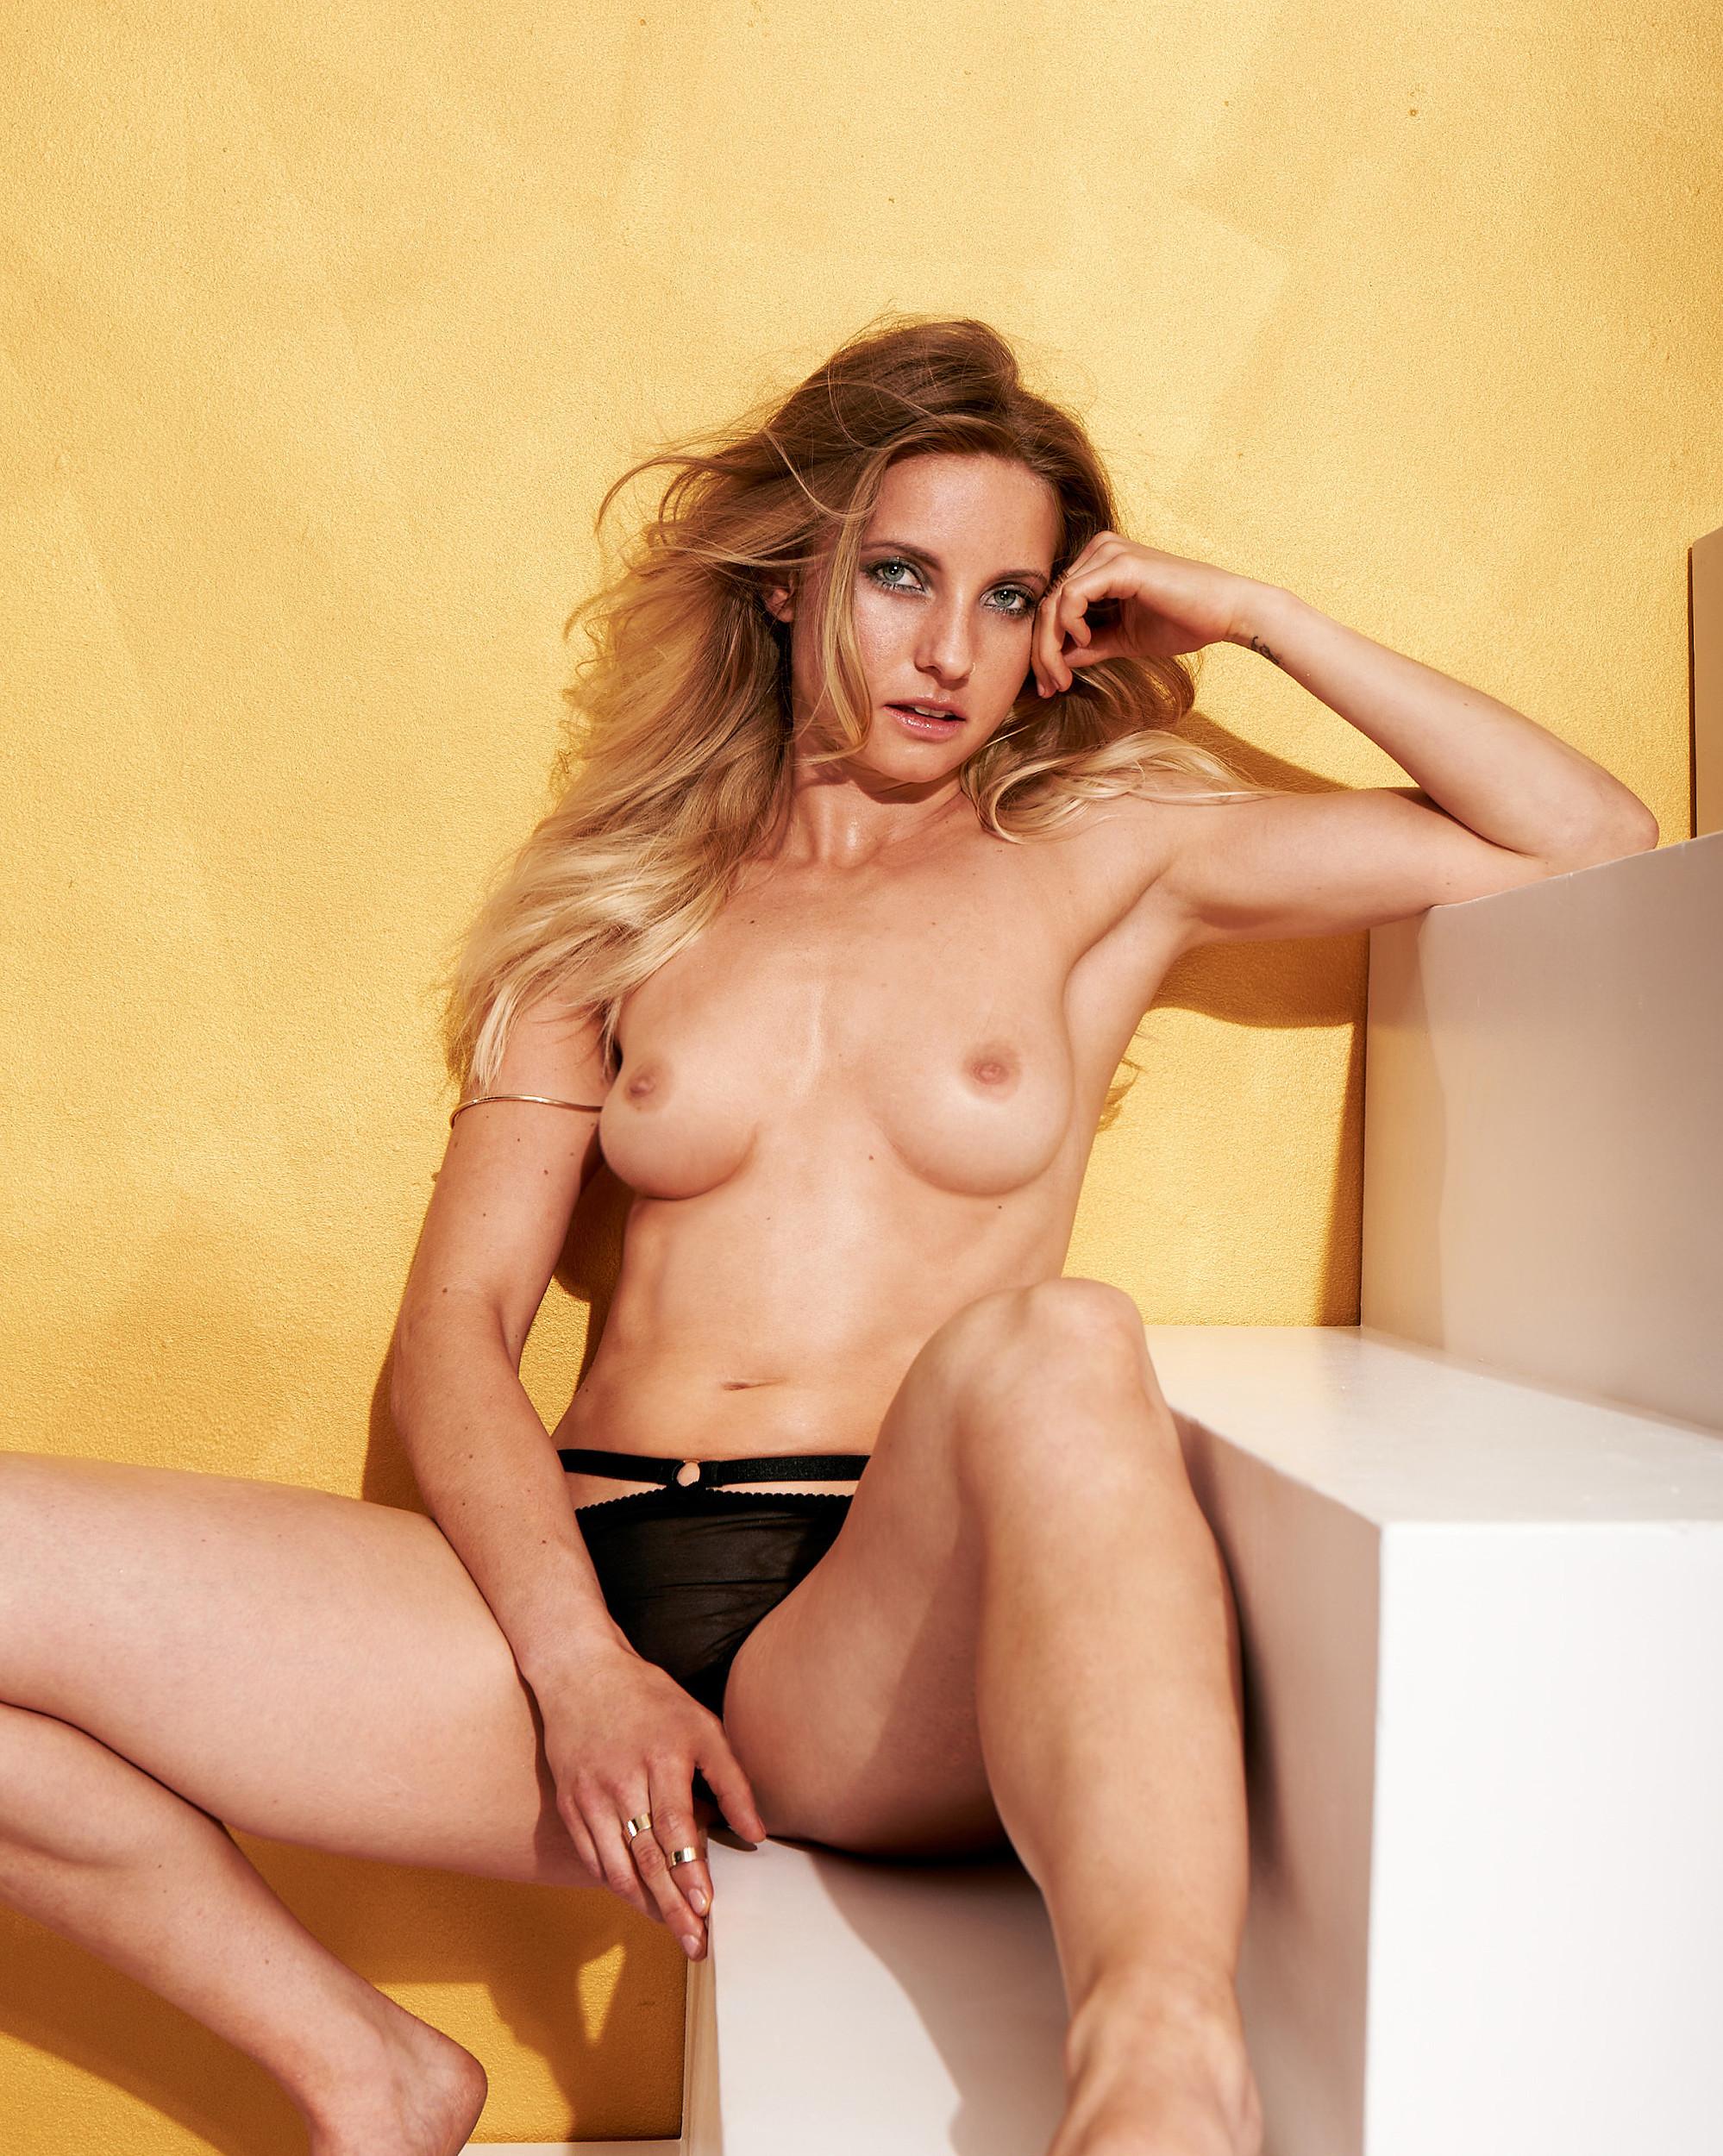 Откровенный фотосет немецкой спортсменки Nadja Pries